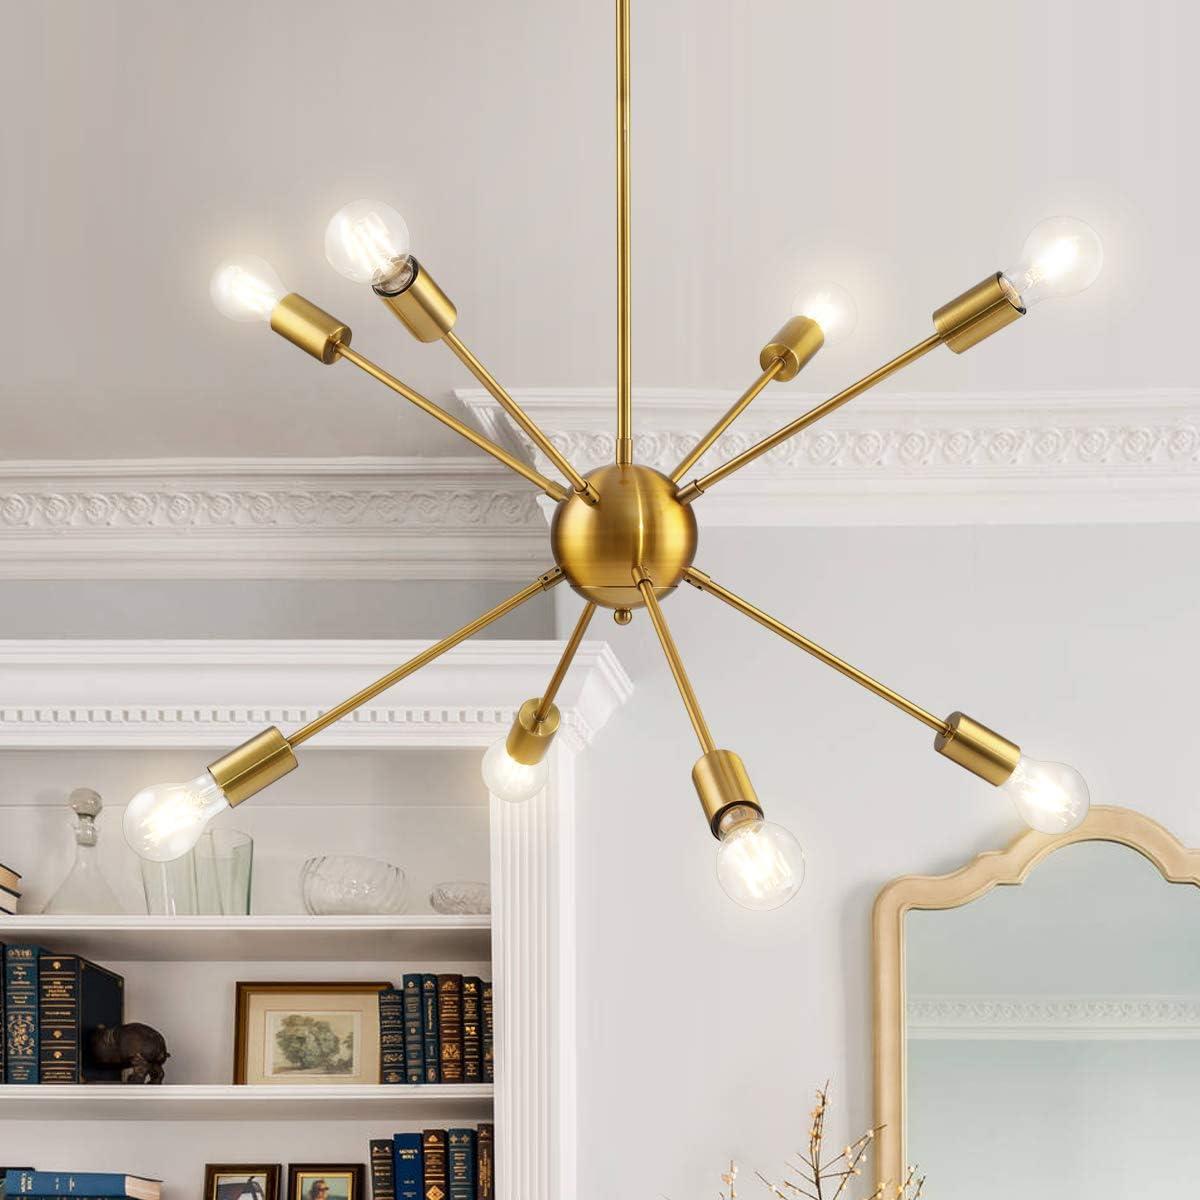 Modern Sputnik Chandelier 8 Lights Mid Century Vintage Ceiling Pendant Light Fixture for Kitchen Island Bar Living Room, Brushed Brass